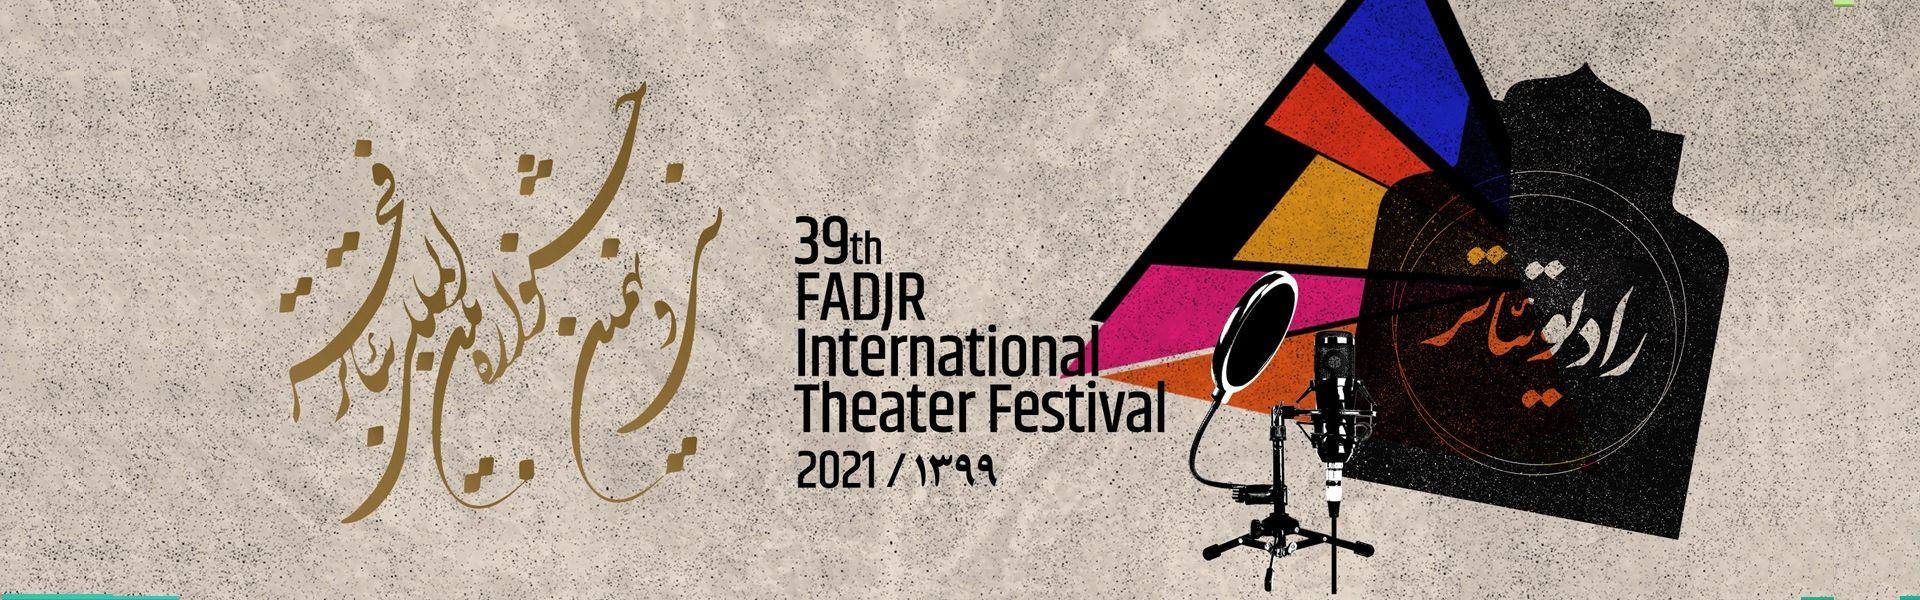 فراخوان رادیوتئاتر جشنواره تئاتر فجر منتشر شد.